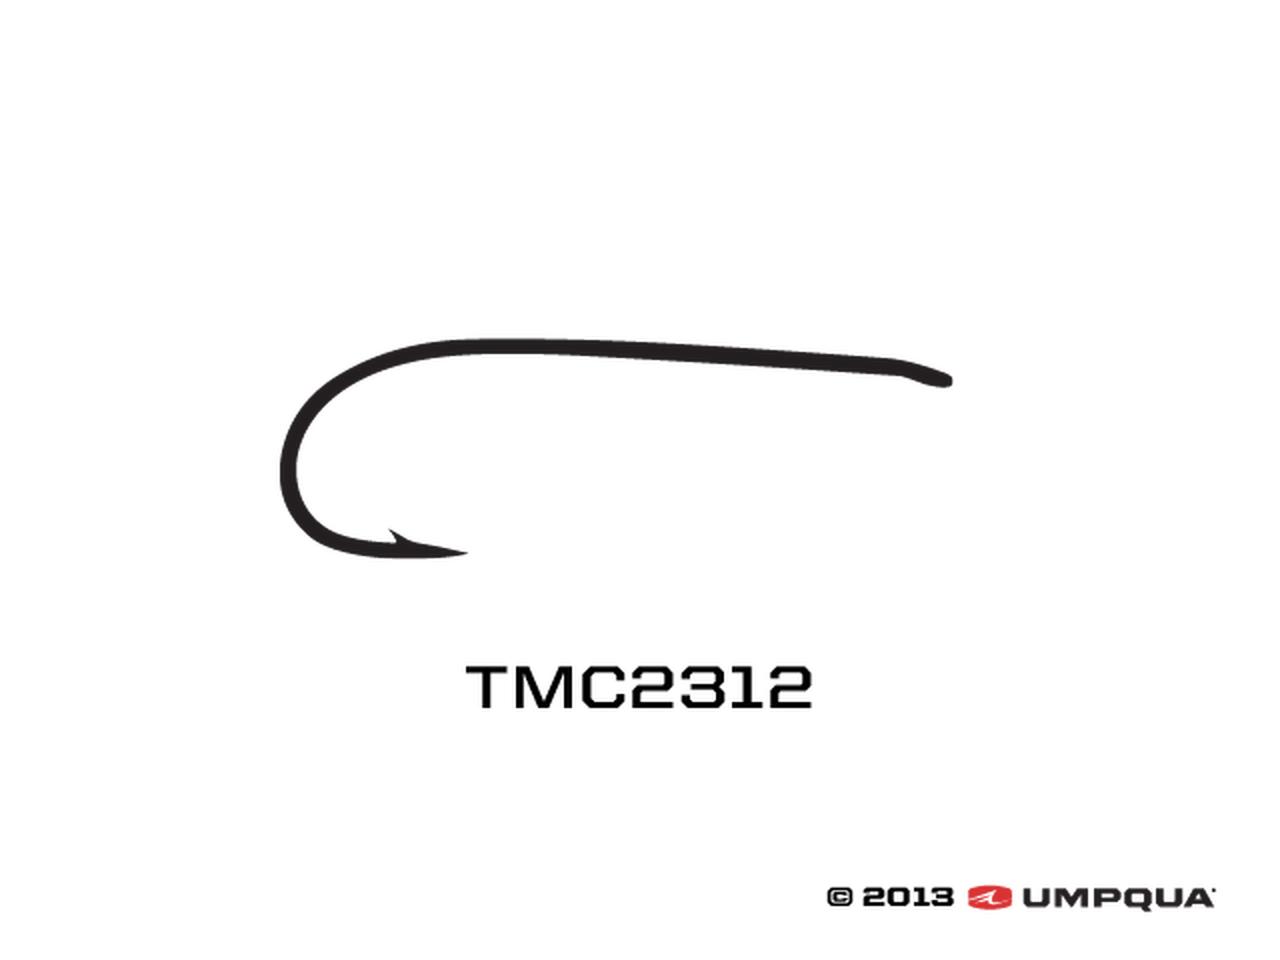 Tiemco TMC 2312 (100 PACK)